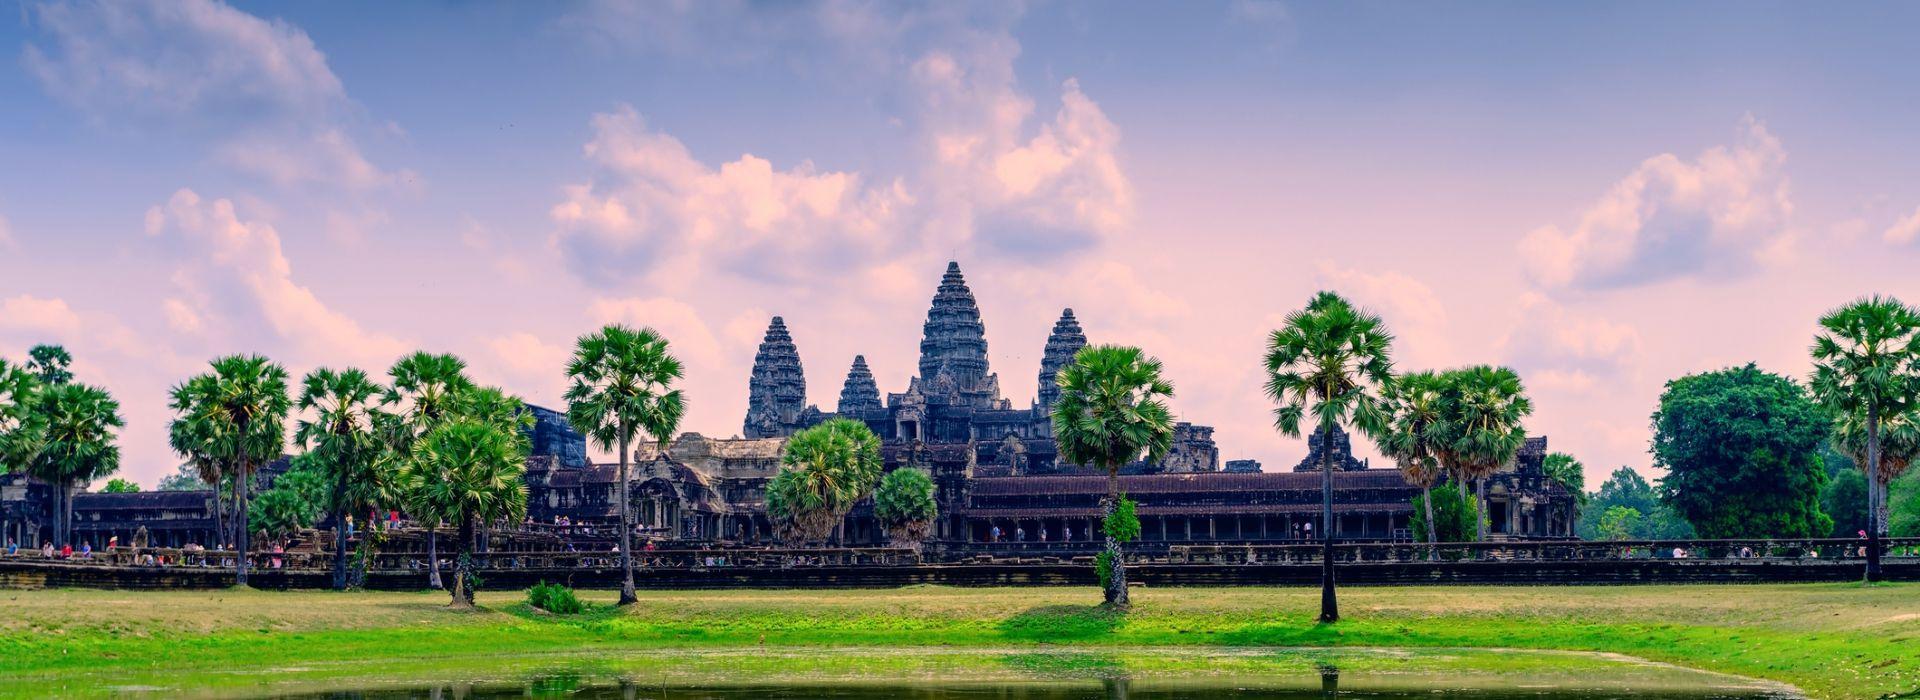 Natural landmarks sightseeing Tours in Angkor Wat